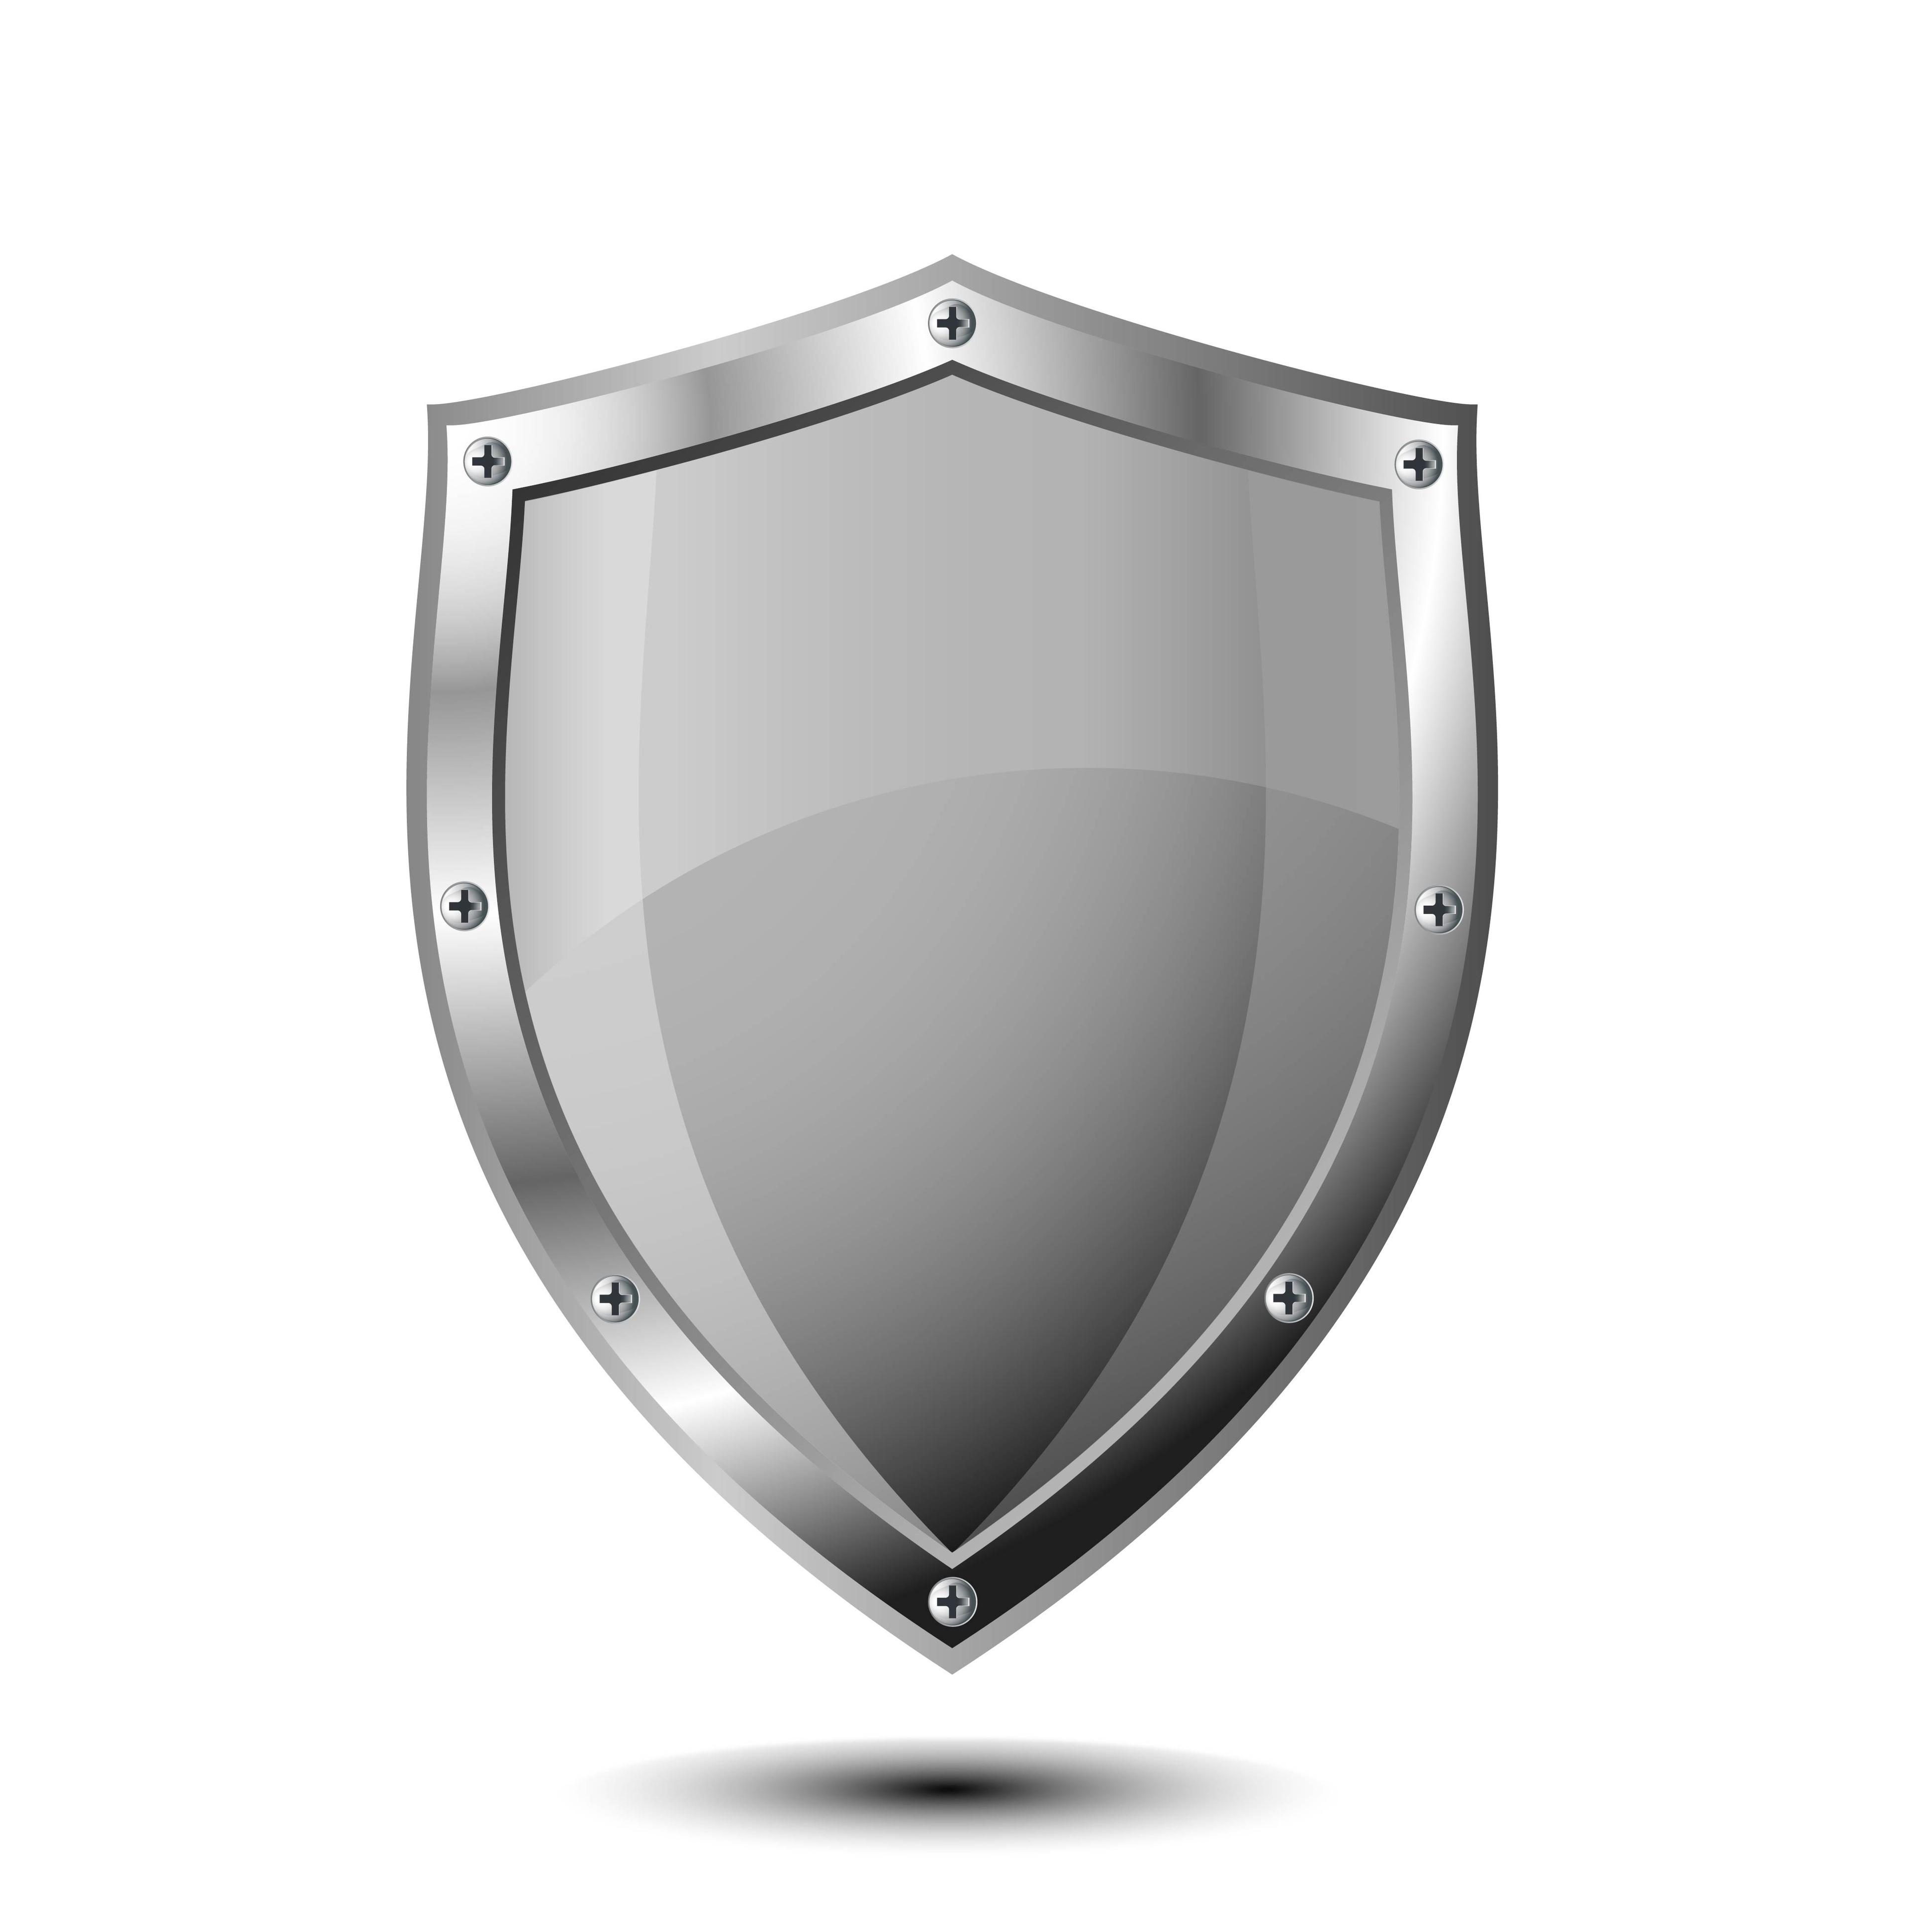 Pourquoi les fonctions barrières sont-elles si importantes?